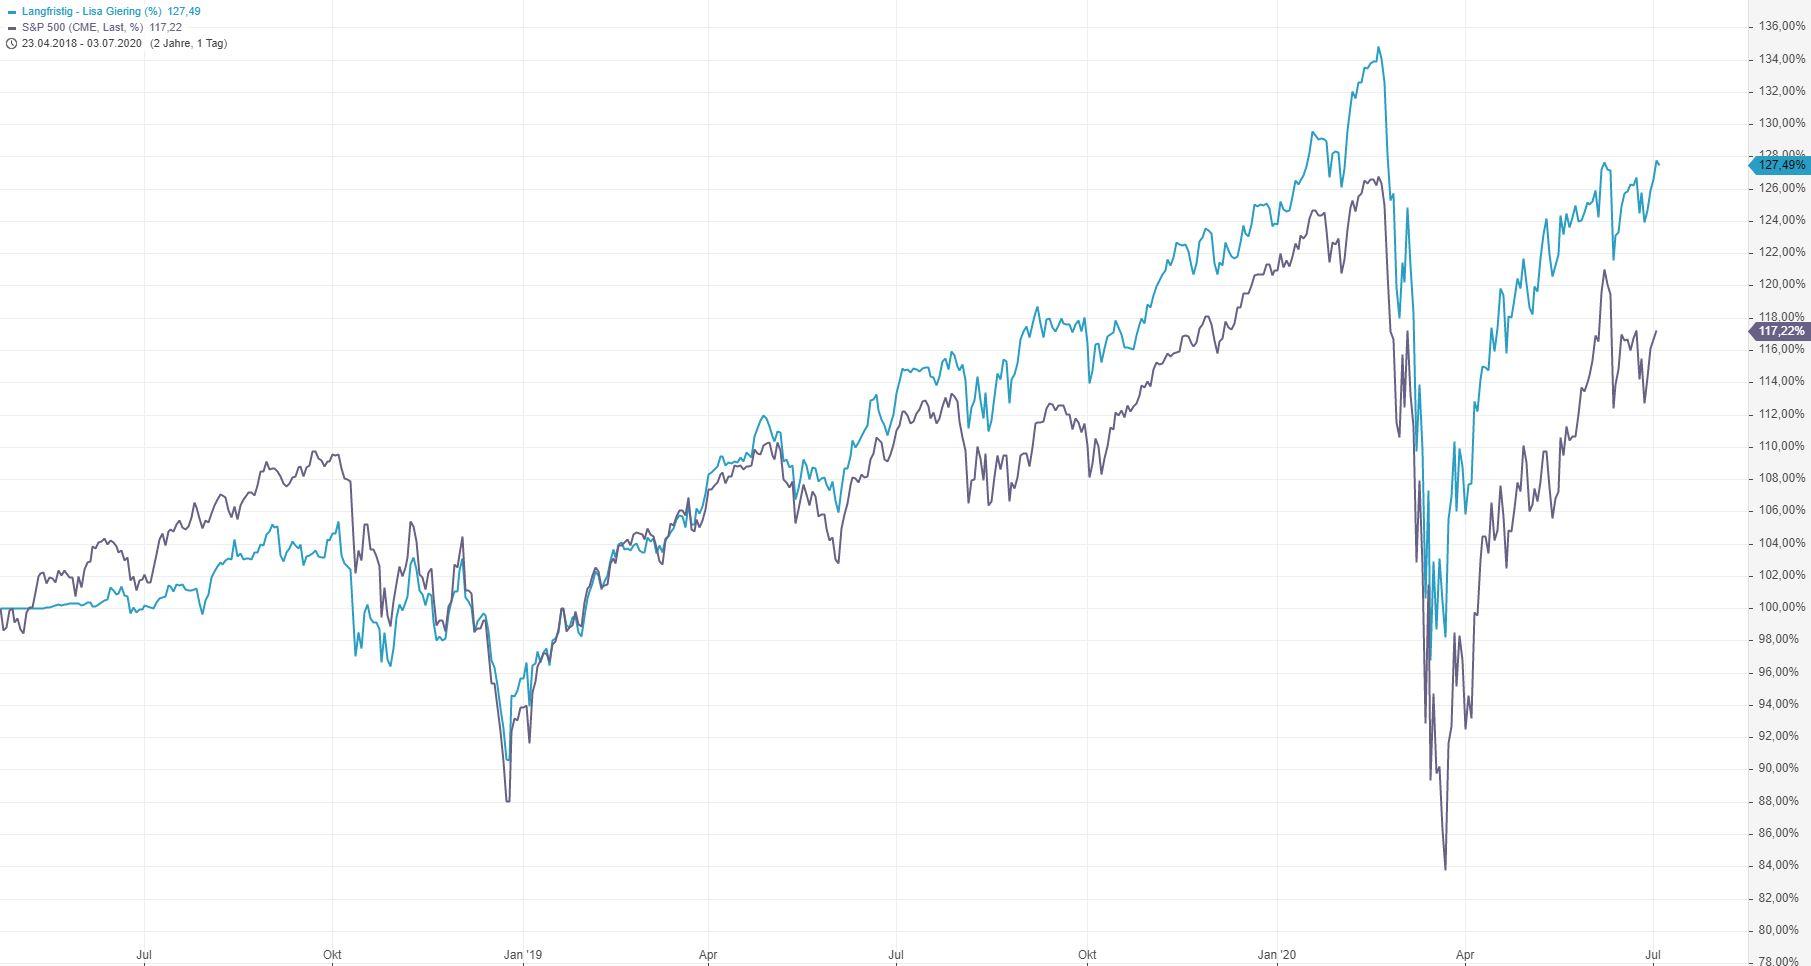 Corona-Crash-Bilanz-meiner-Strategie-des-Vermögensaufbaus-Entspannt-Krisen-meistern-Kommentar-Lisa-Giering-GodmodeTrader.de-4